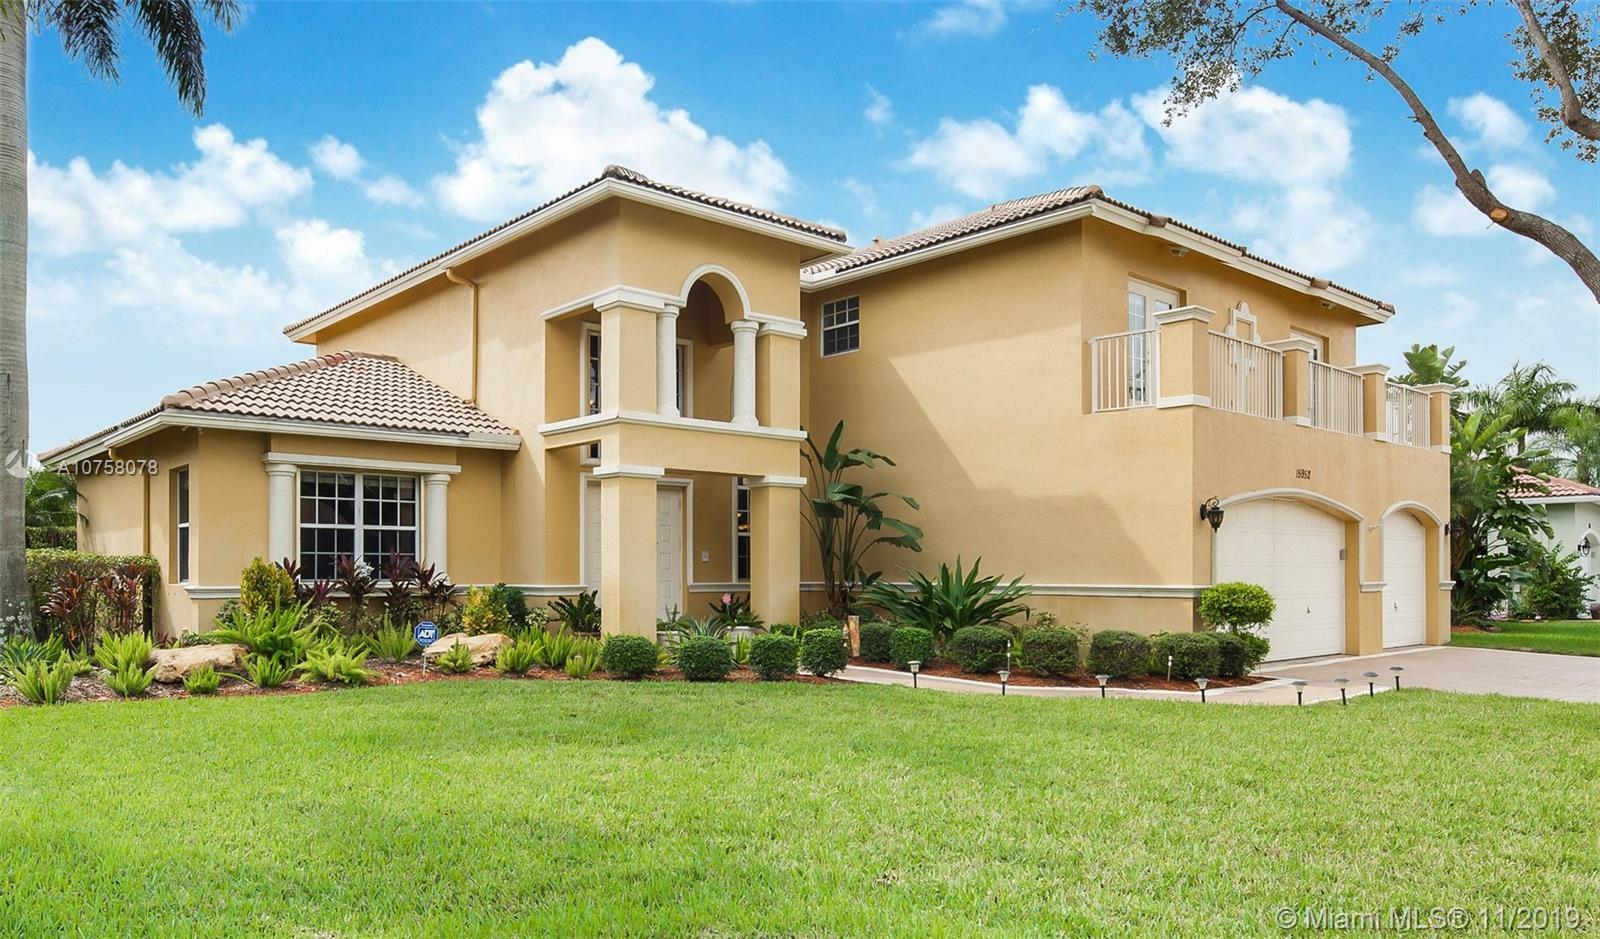 15952 SW 7 Street, Pembroke Pines, FL 33027